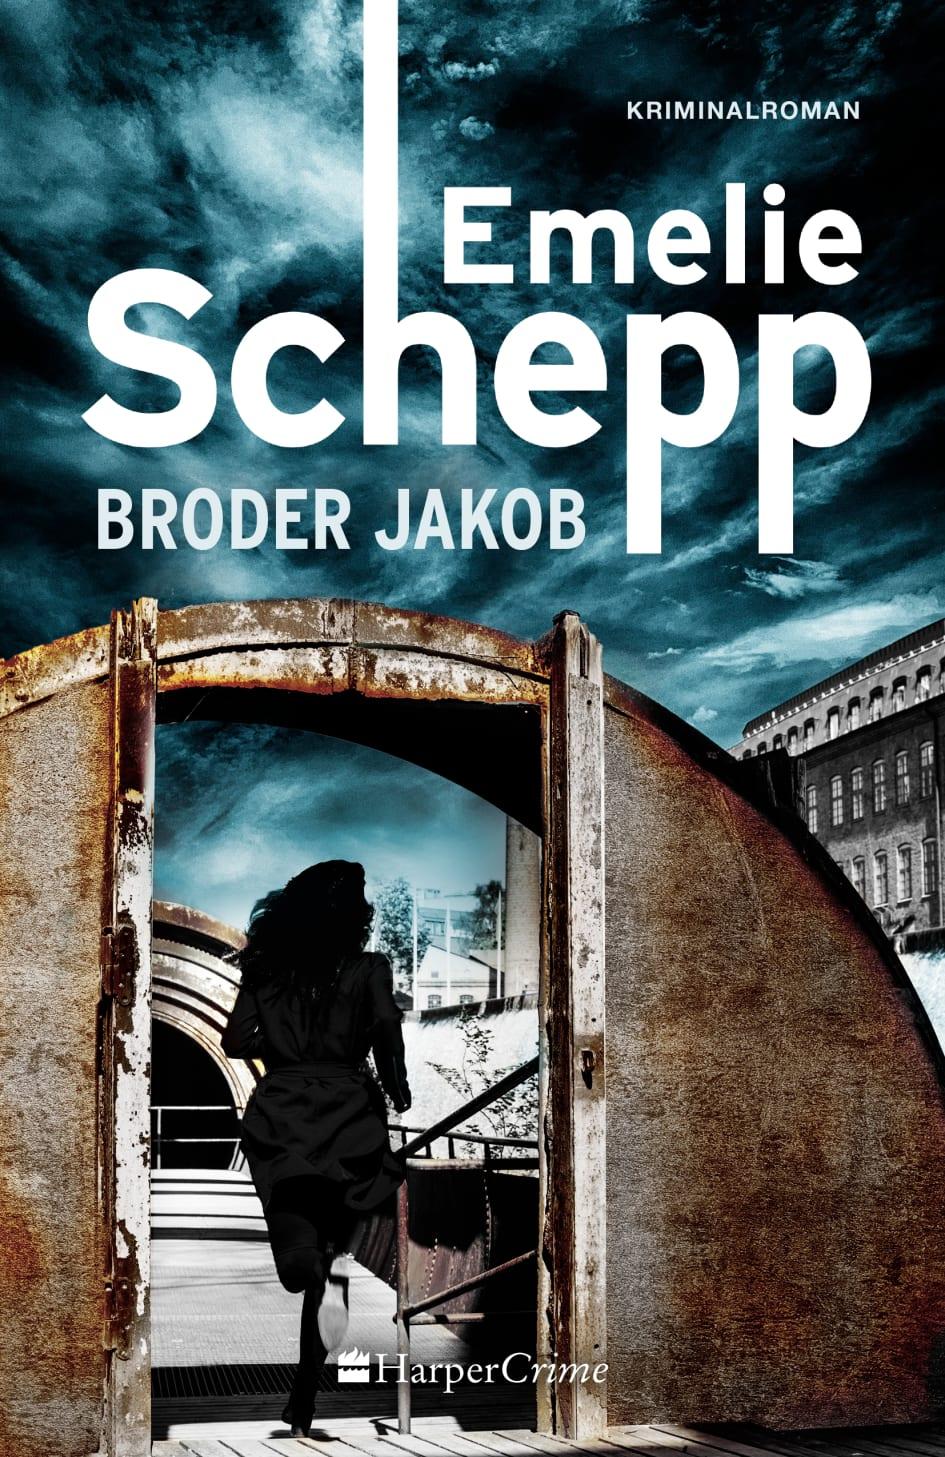 Image result for broder jakob emelie schepp